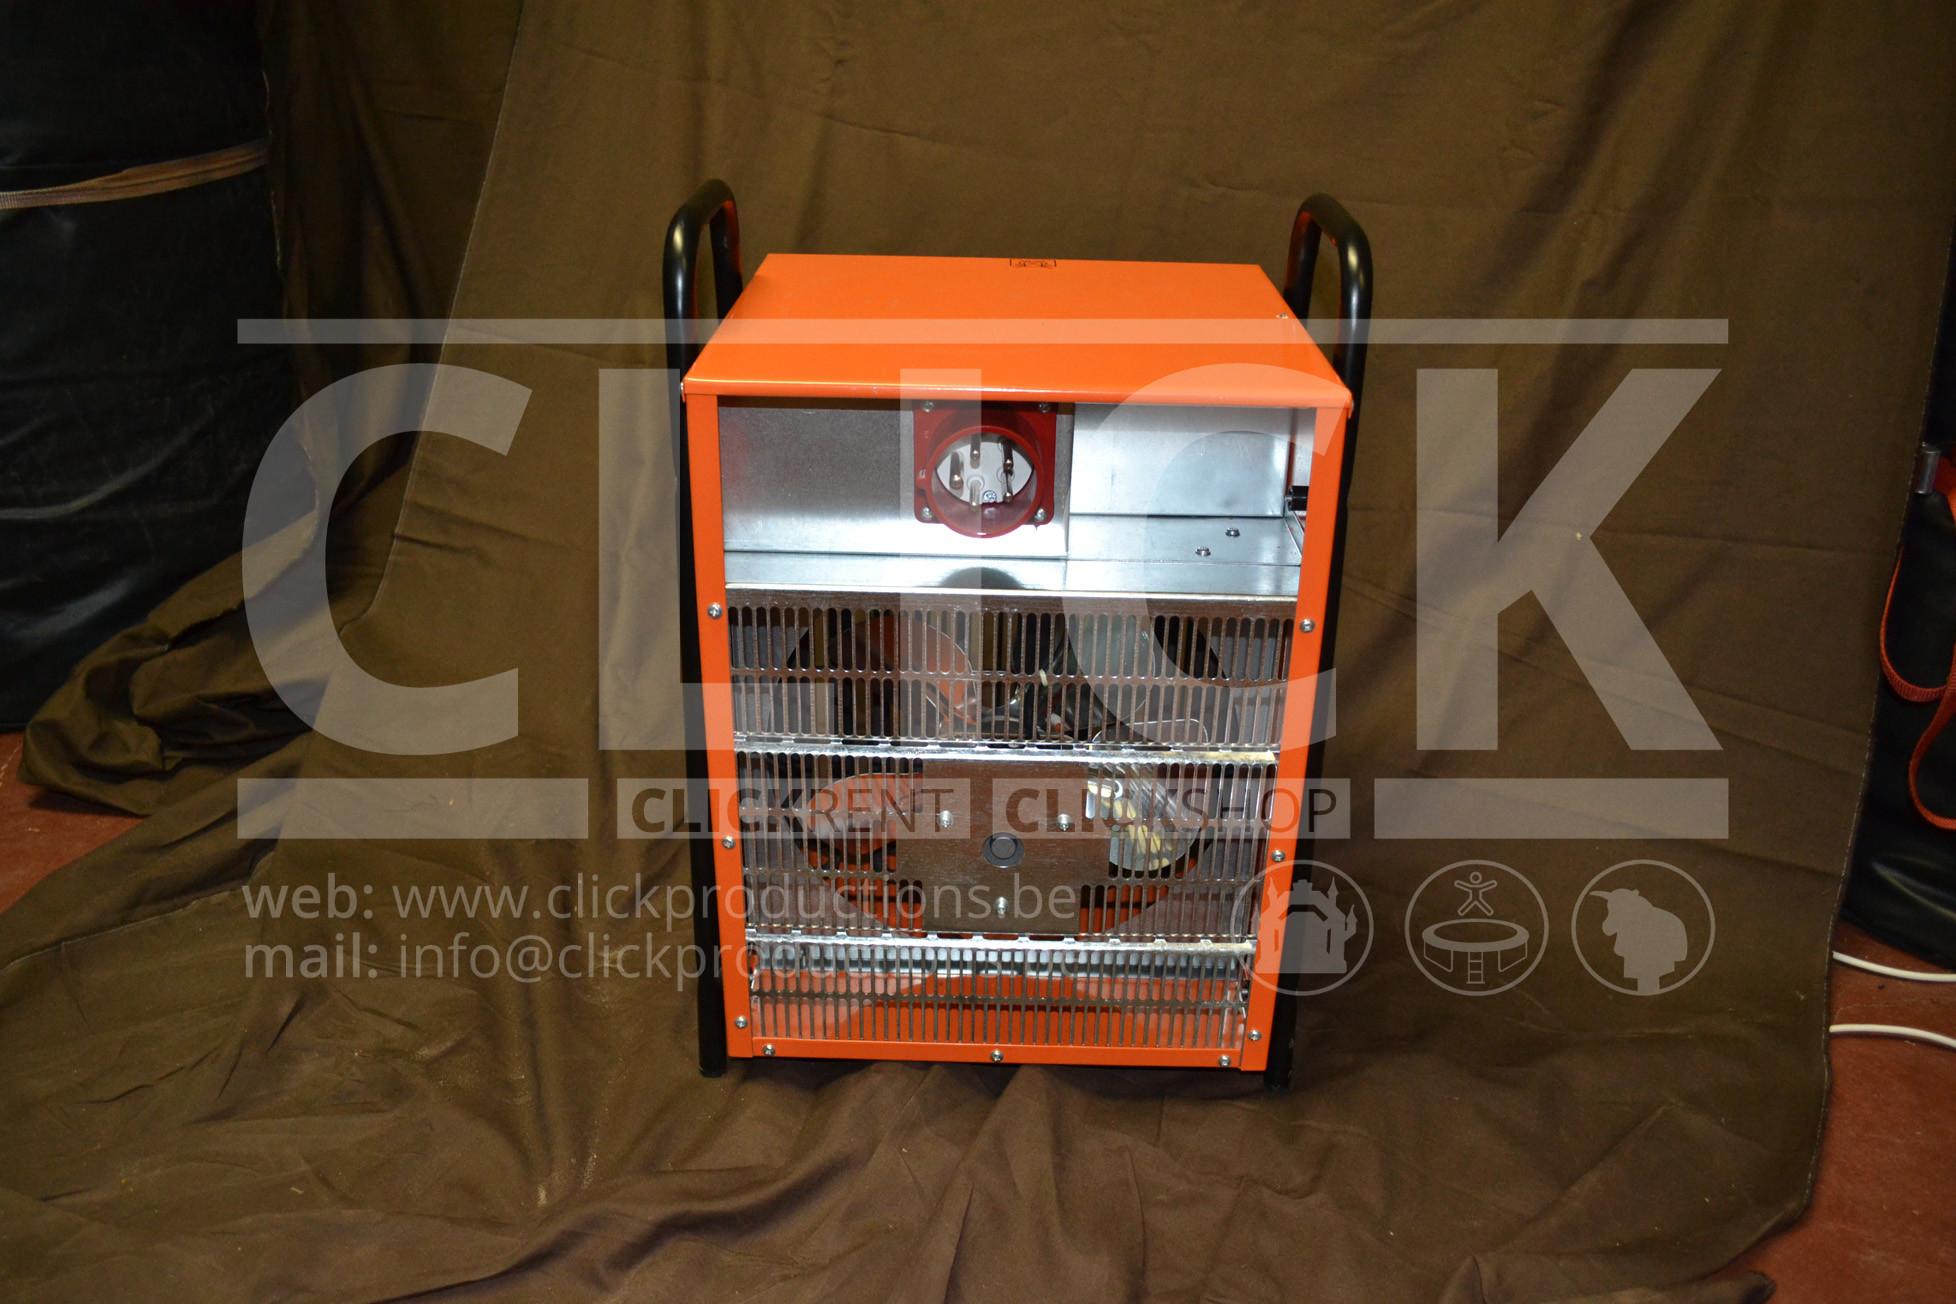 verwarming elektrisch 9kw huren click rent. Black Bedroom Furniture Sets. Home Design Ideas